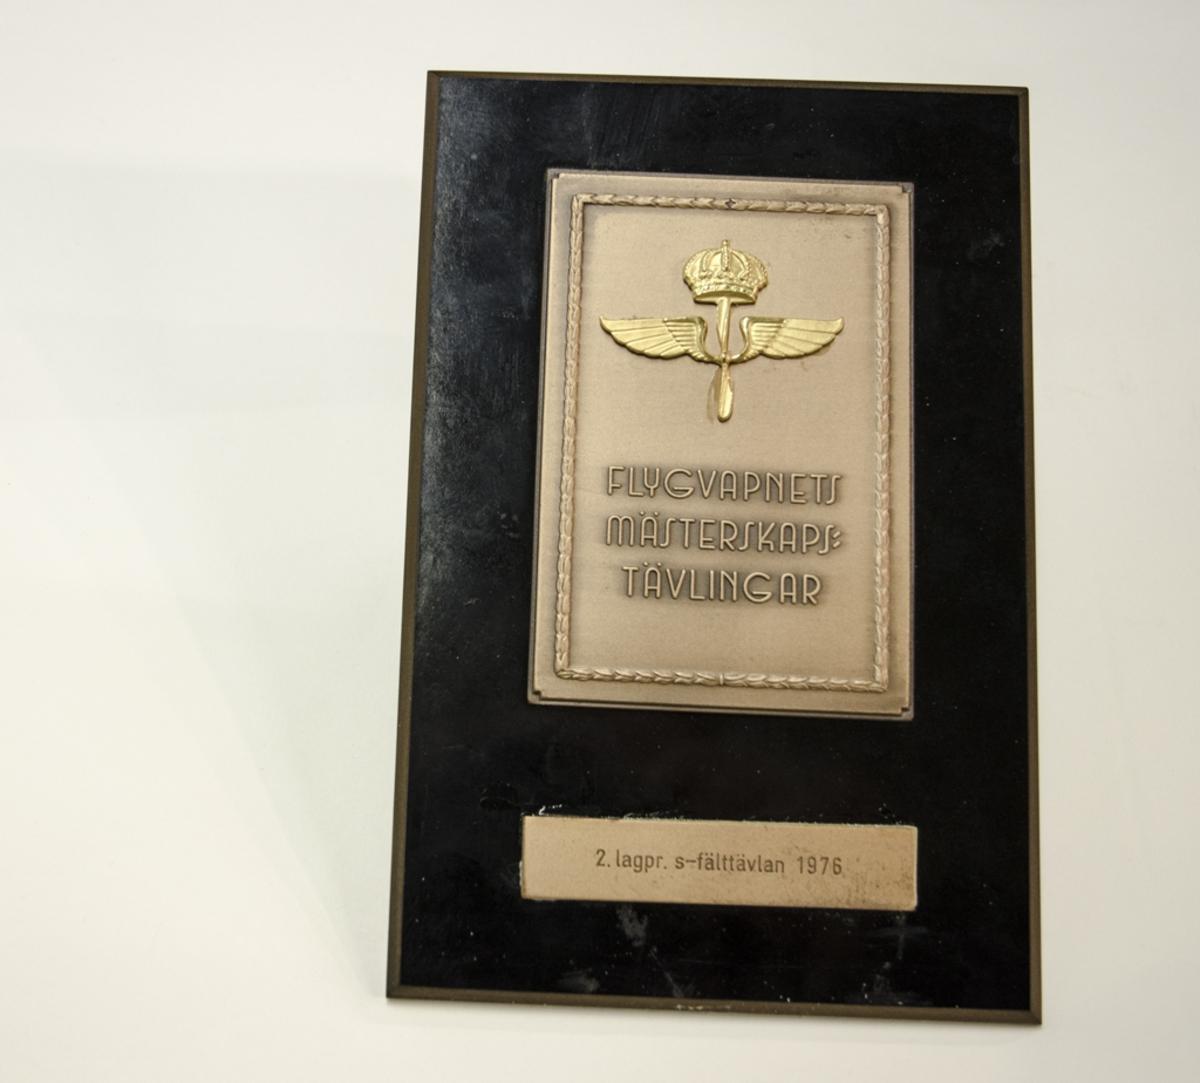 Prisplakett monterad på svart träplatta. Runt plaketten finns en bård av blad. Plaketten har flygvapnets emblem.